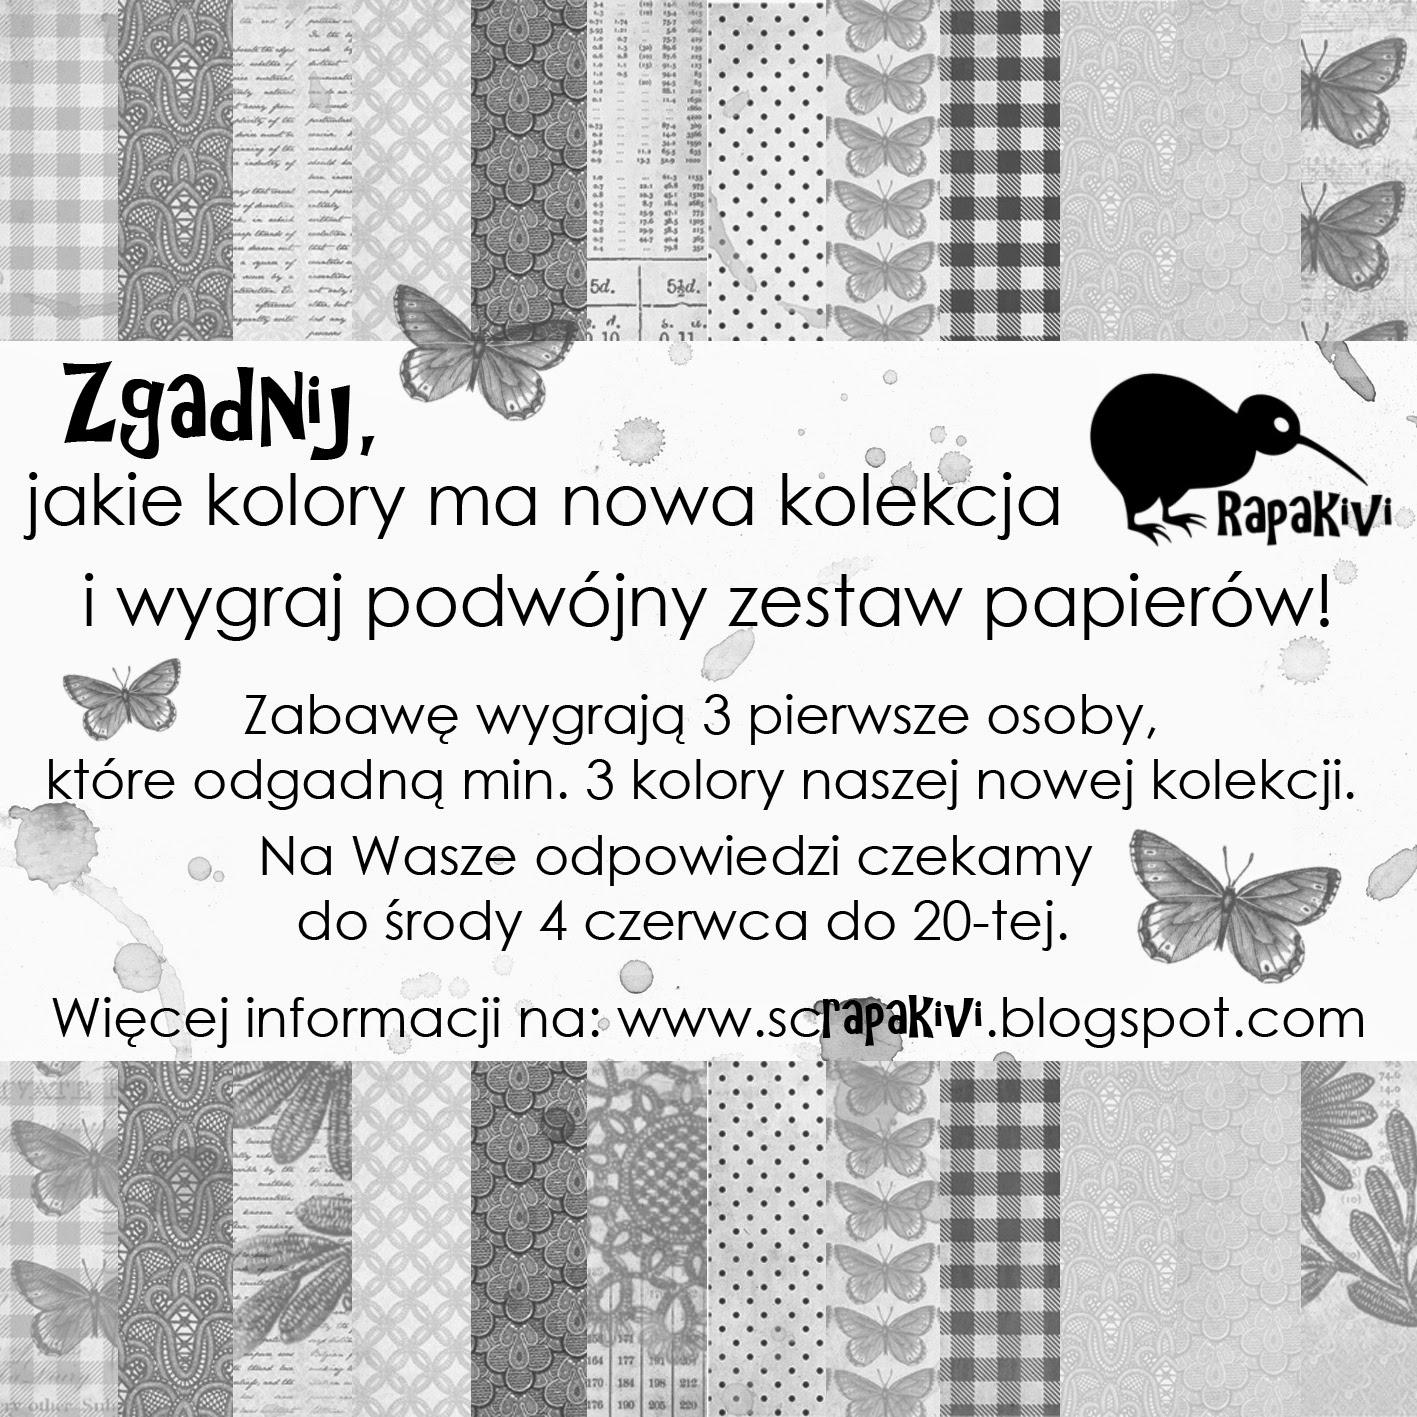 http://scrapakivi.blogspot.com/2014/06/nowa-kolekcja-rapakivi-zgadnijcie-w.html?showComment=1401815571651#c5821089994046027850